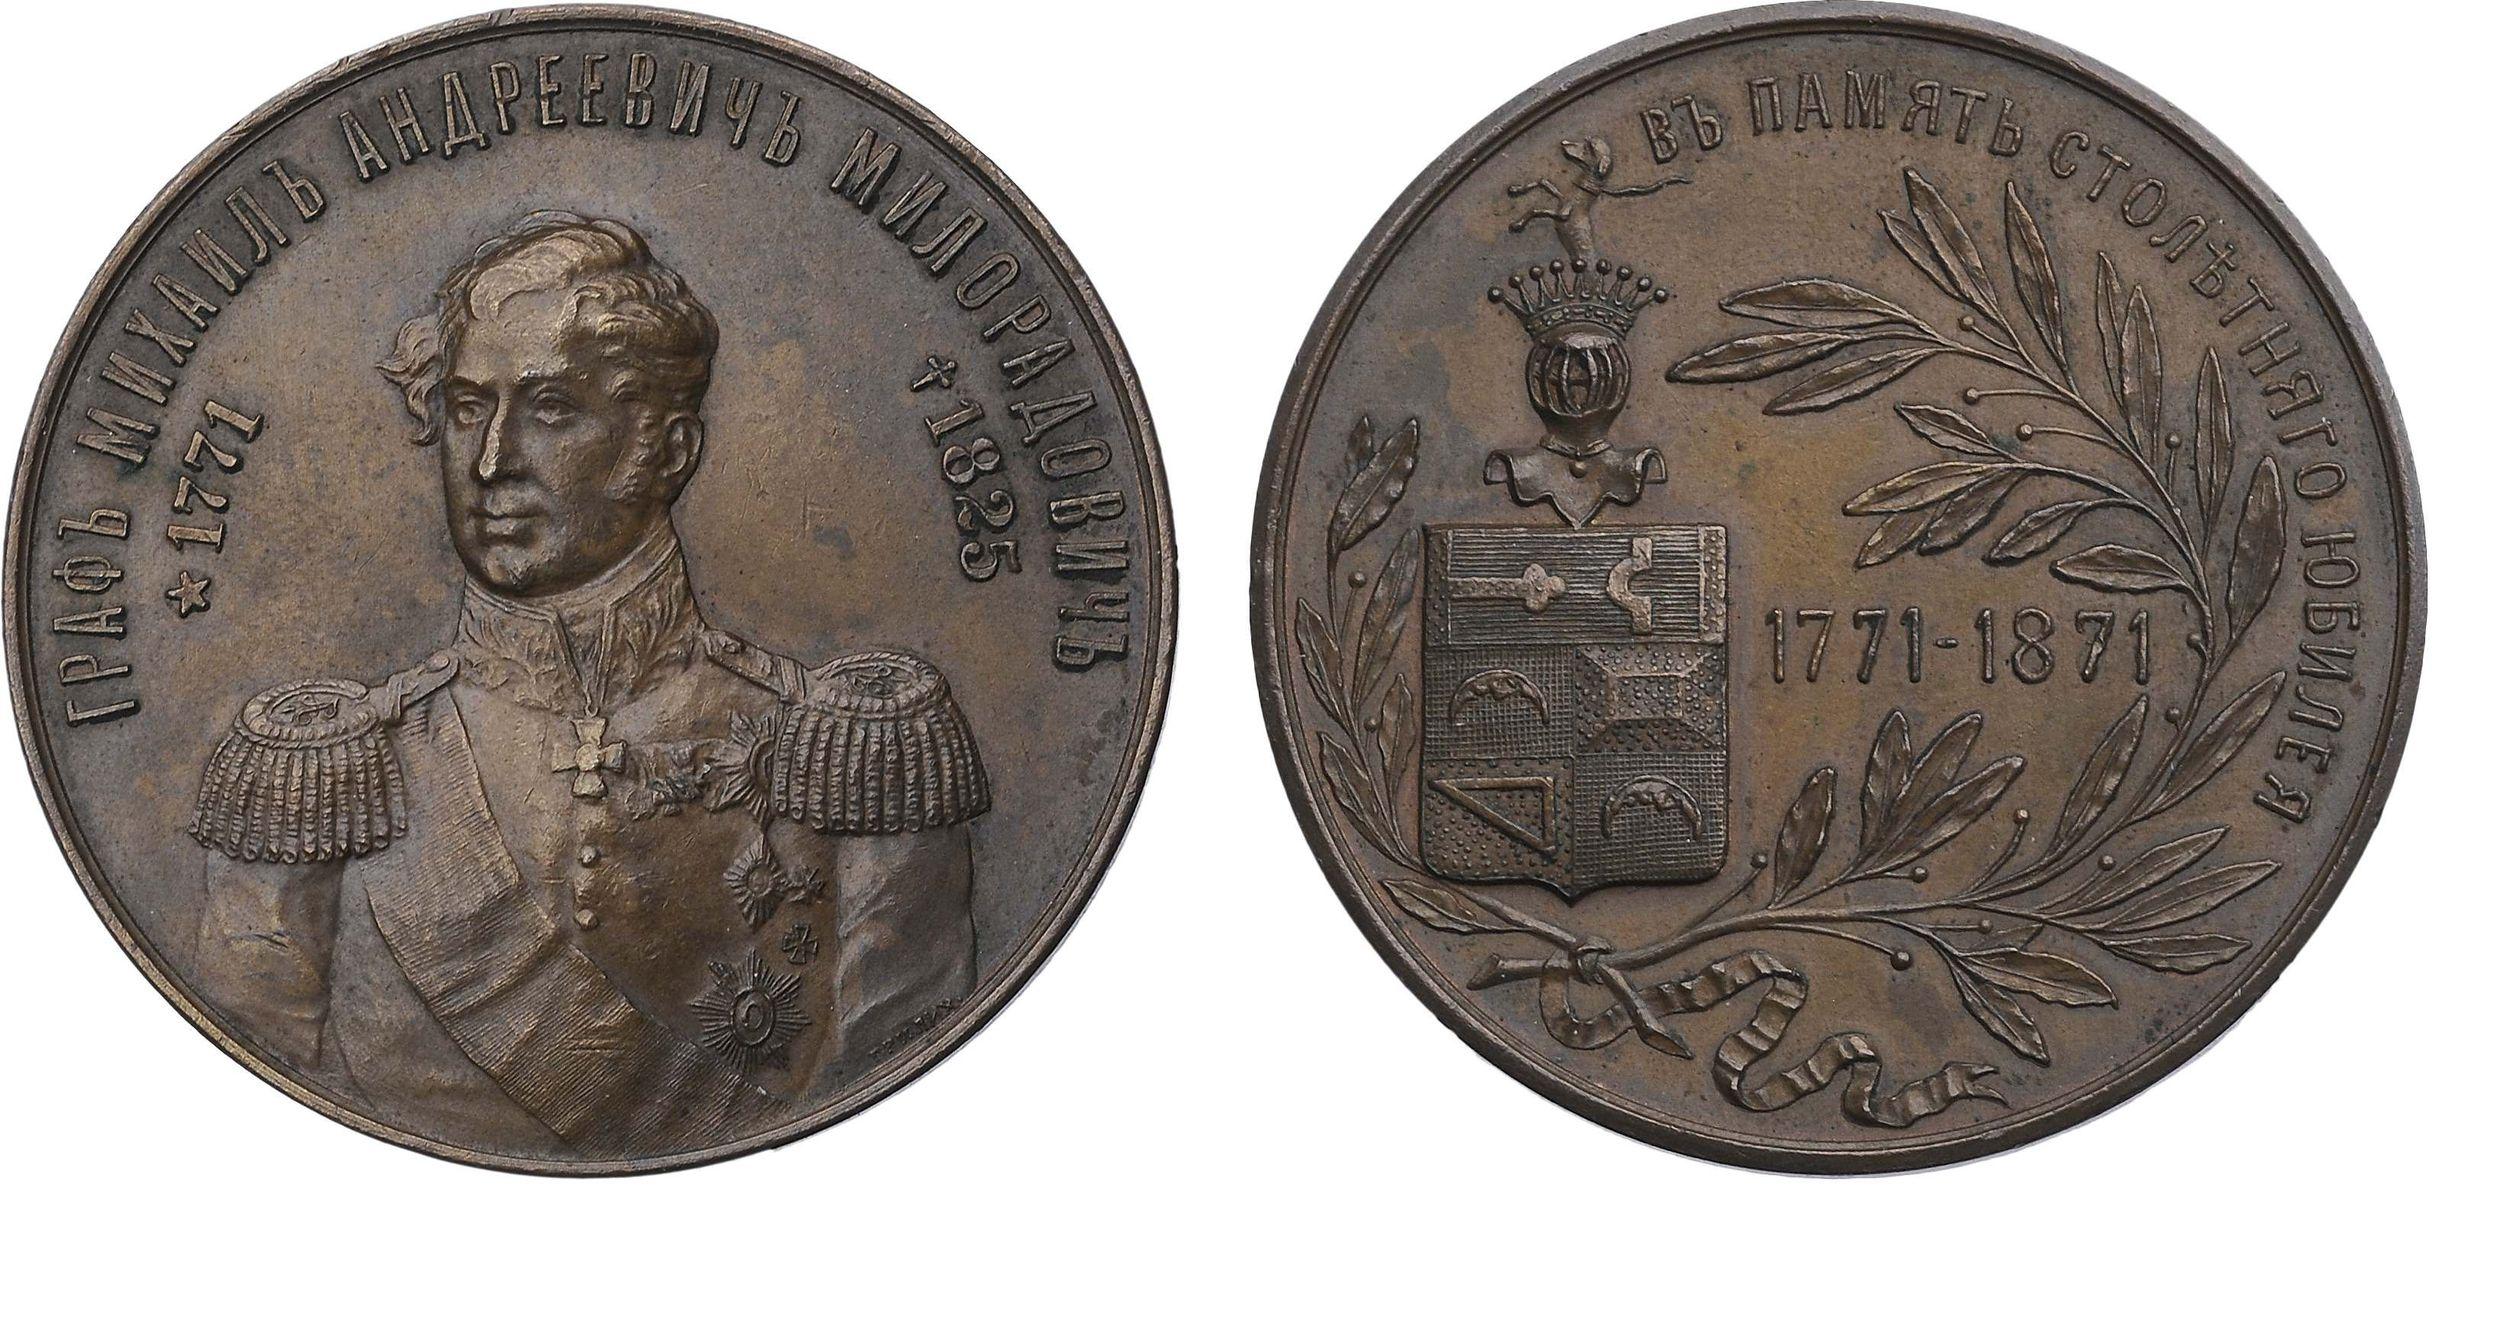 Настольная медаль «В память 100-летия со дня рождения графа М. А. Милорадовича. 1771-1871 г.»